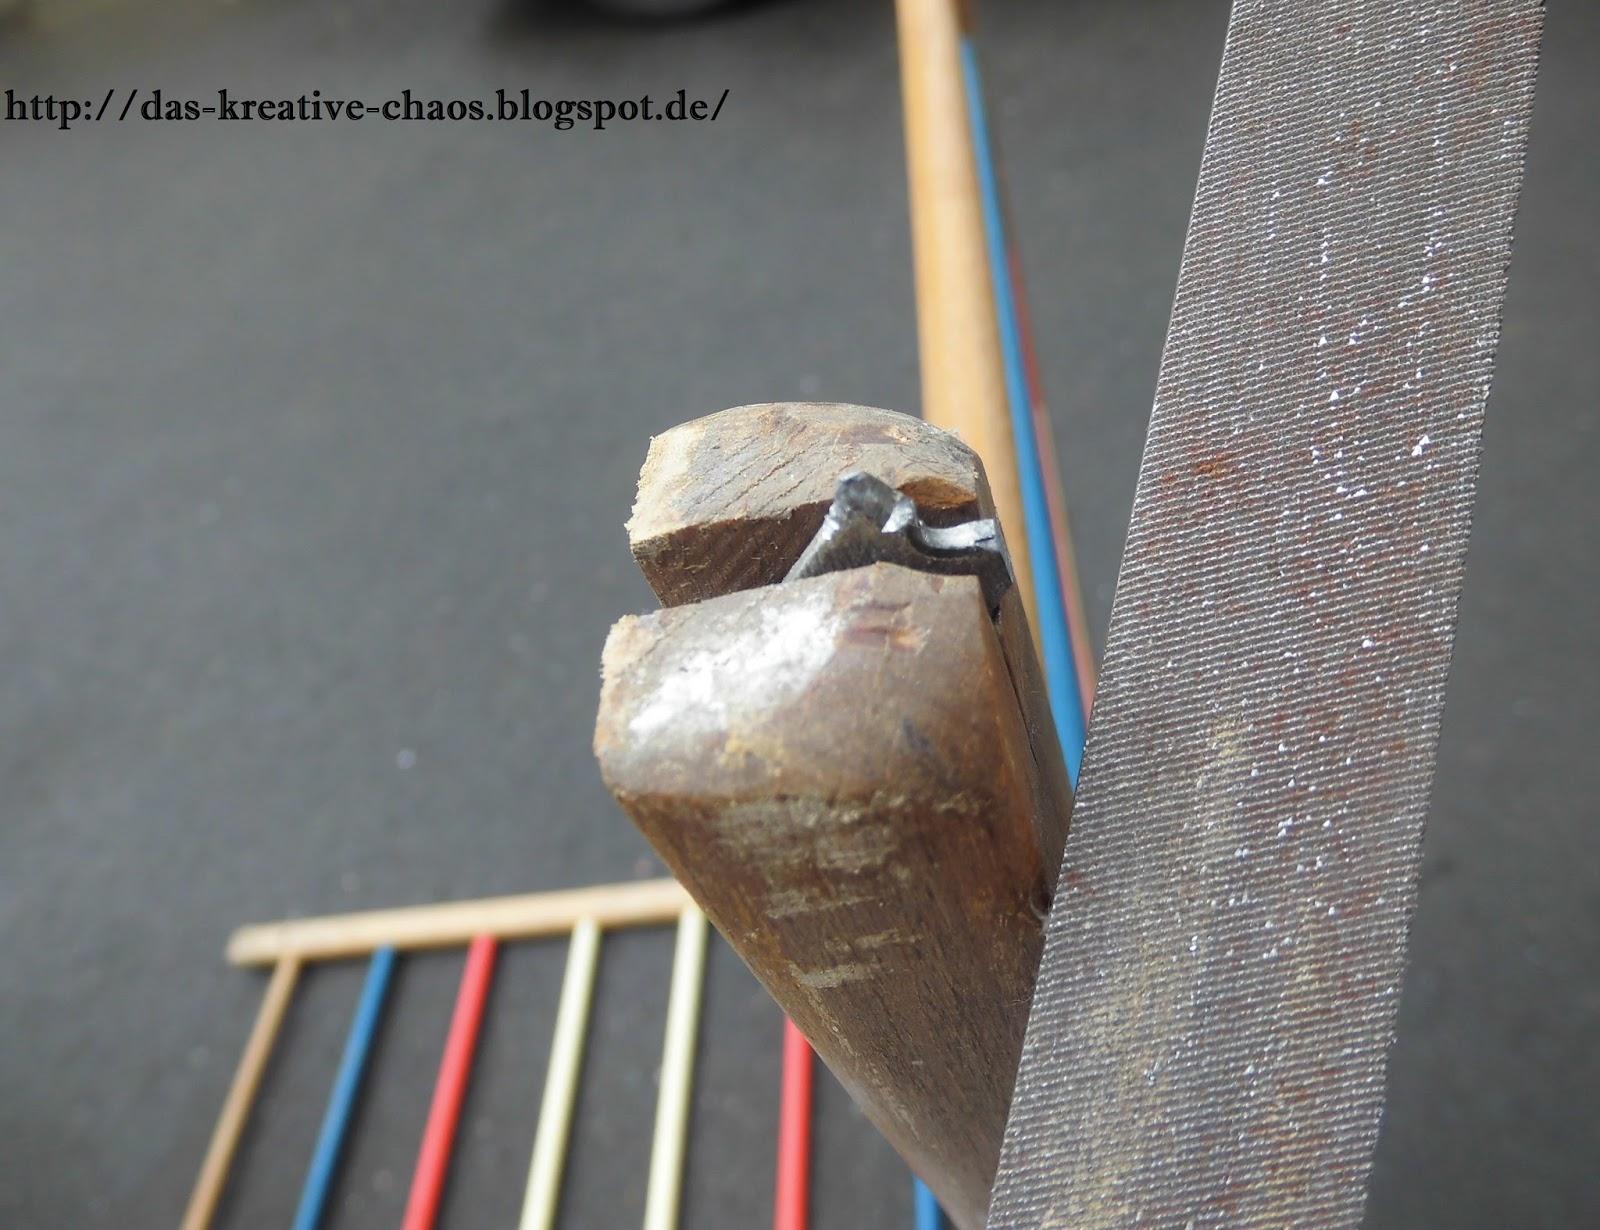 Kletterdreieck Klappbar Selber Bauen : Frau k. und das kreative chaos: pikler dreieck selbst gebaut